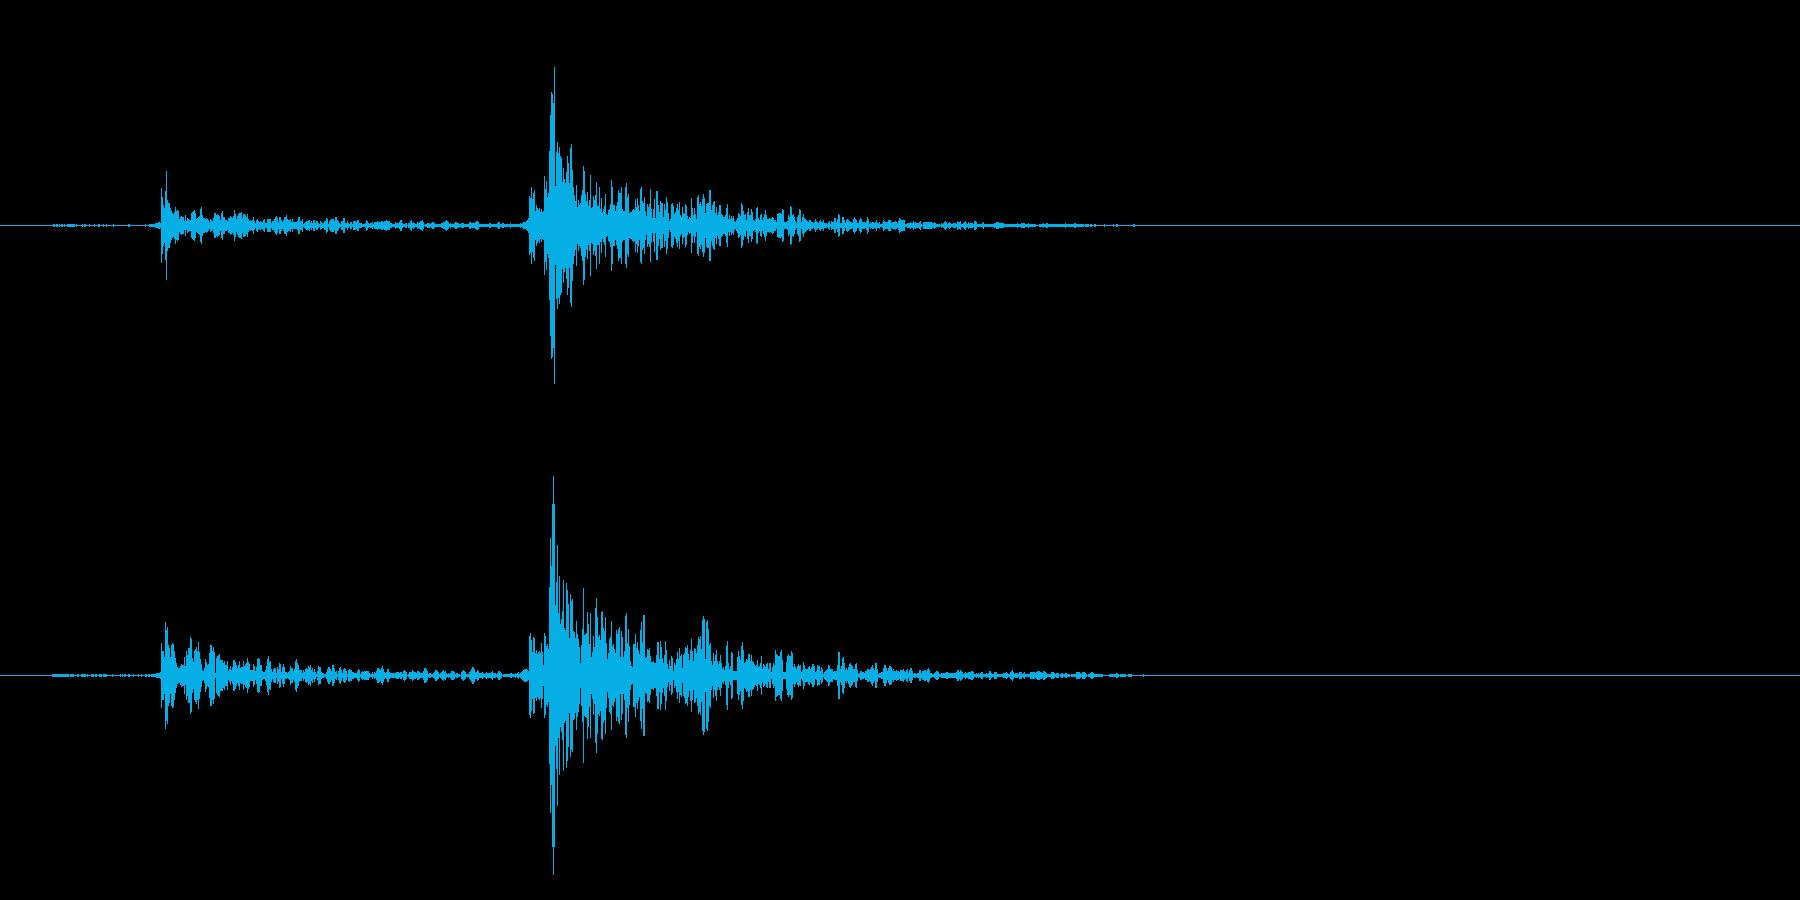 ドアを閉める音(エフェクト無し)の再生済みの波形